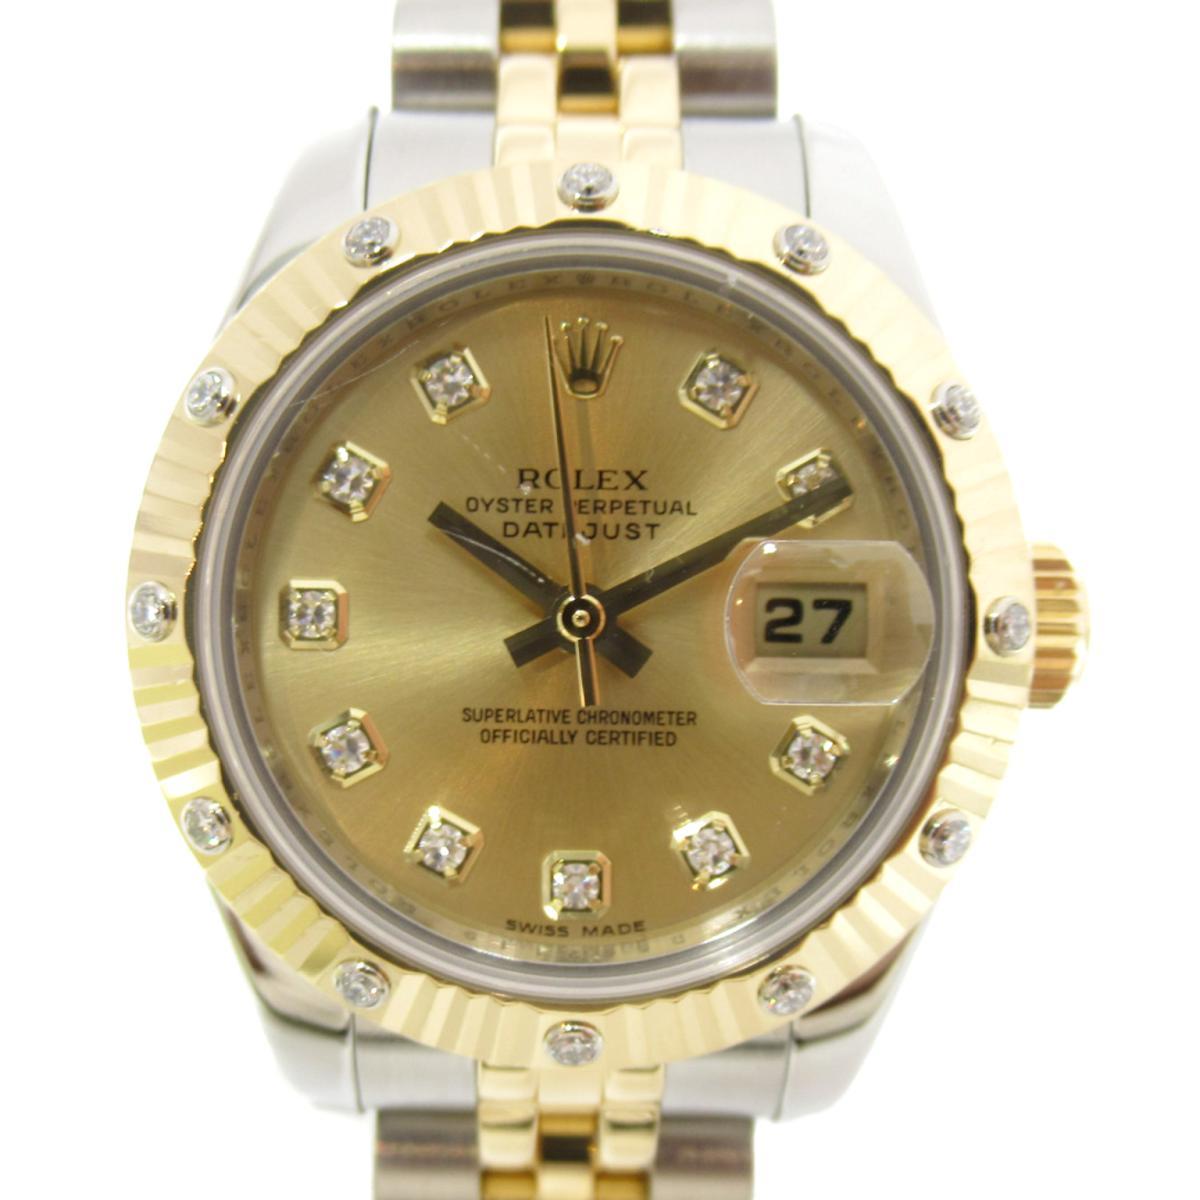 セール特価 ロレックス デイトジャスト ベゼル12Pダイヤ 時計 ブランド時計   ROLEX BRANDOFF ブランドオフ レディース 腕時計 ブランド ブランド時計 ブランド腕時計 腕時計 時計 ウォッチ, Happiness Mom:dd4546a4 --- verandasvanhout.nl